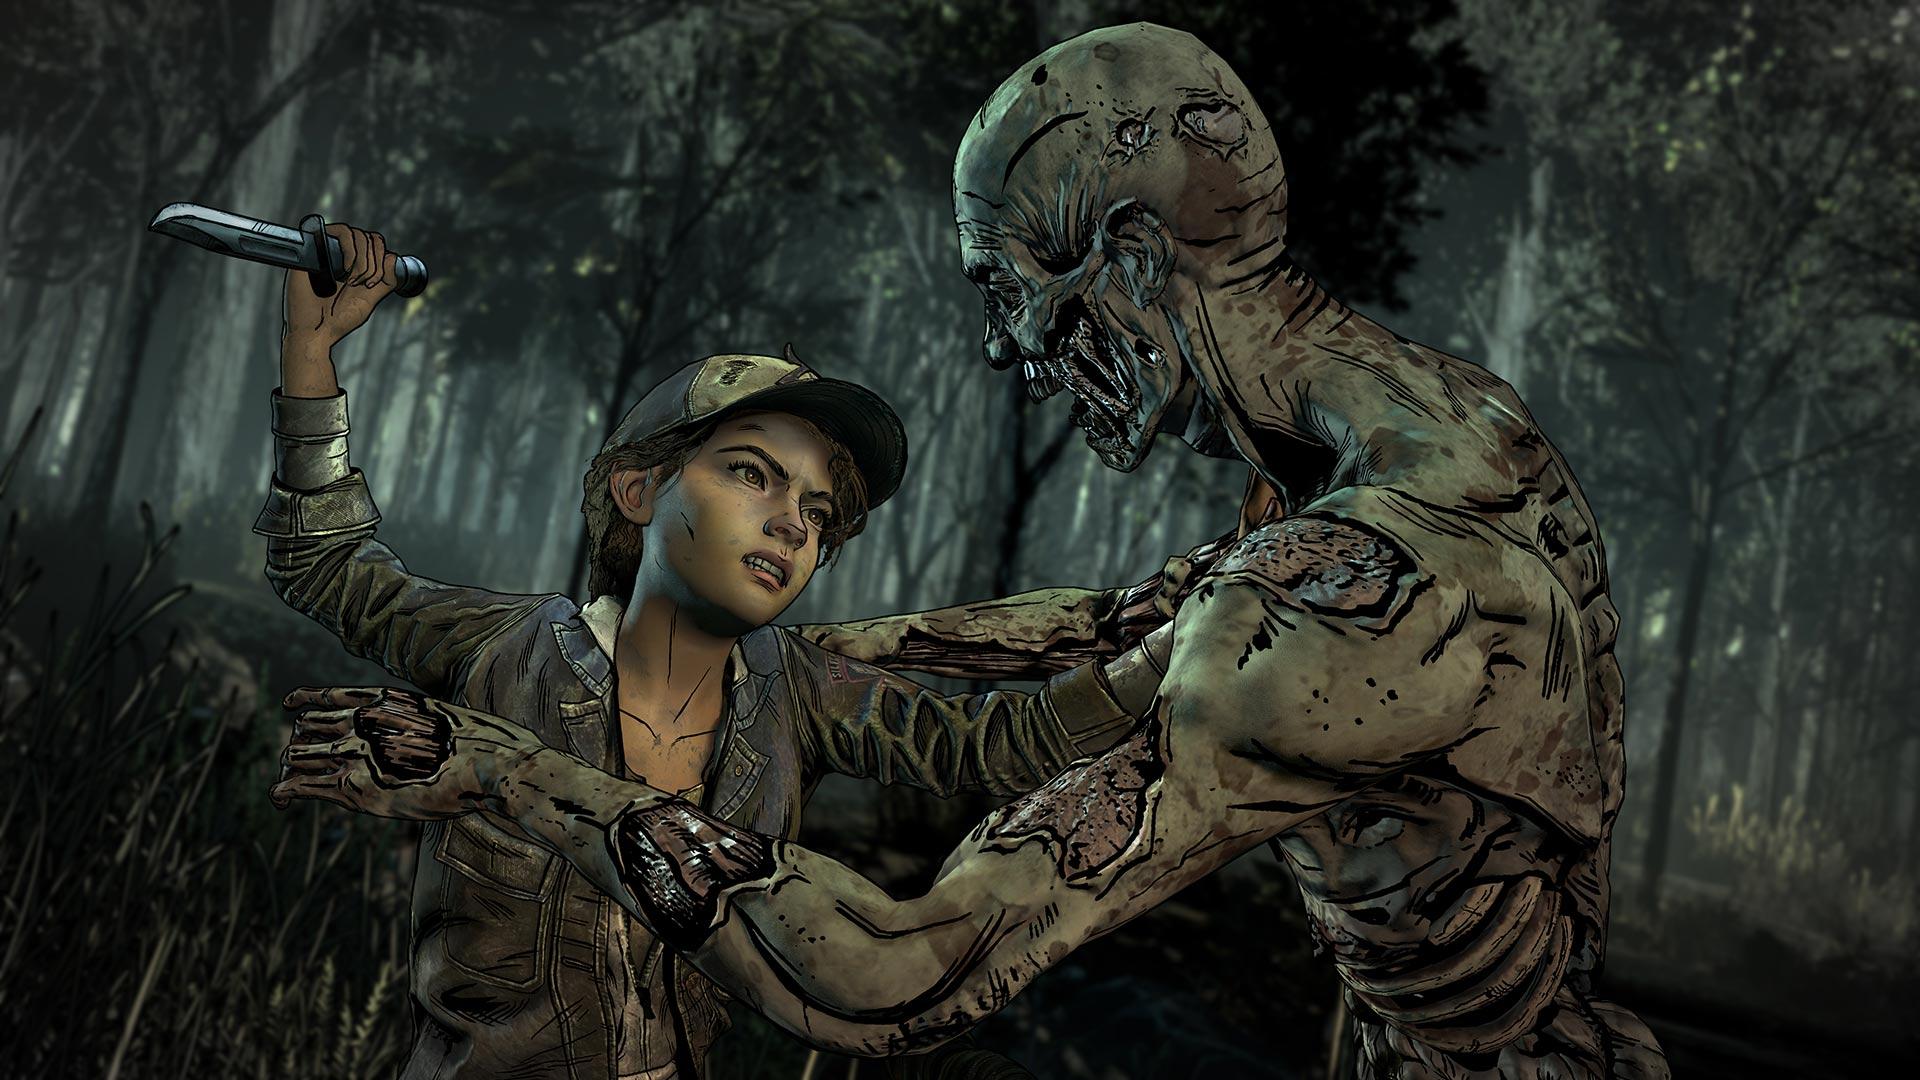 The Walking Dead: The Final Season - Clementine's last adventure